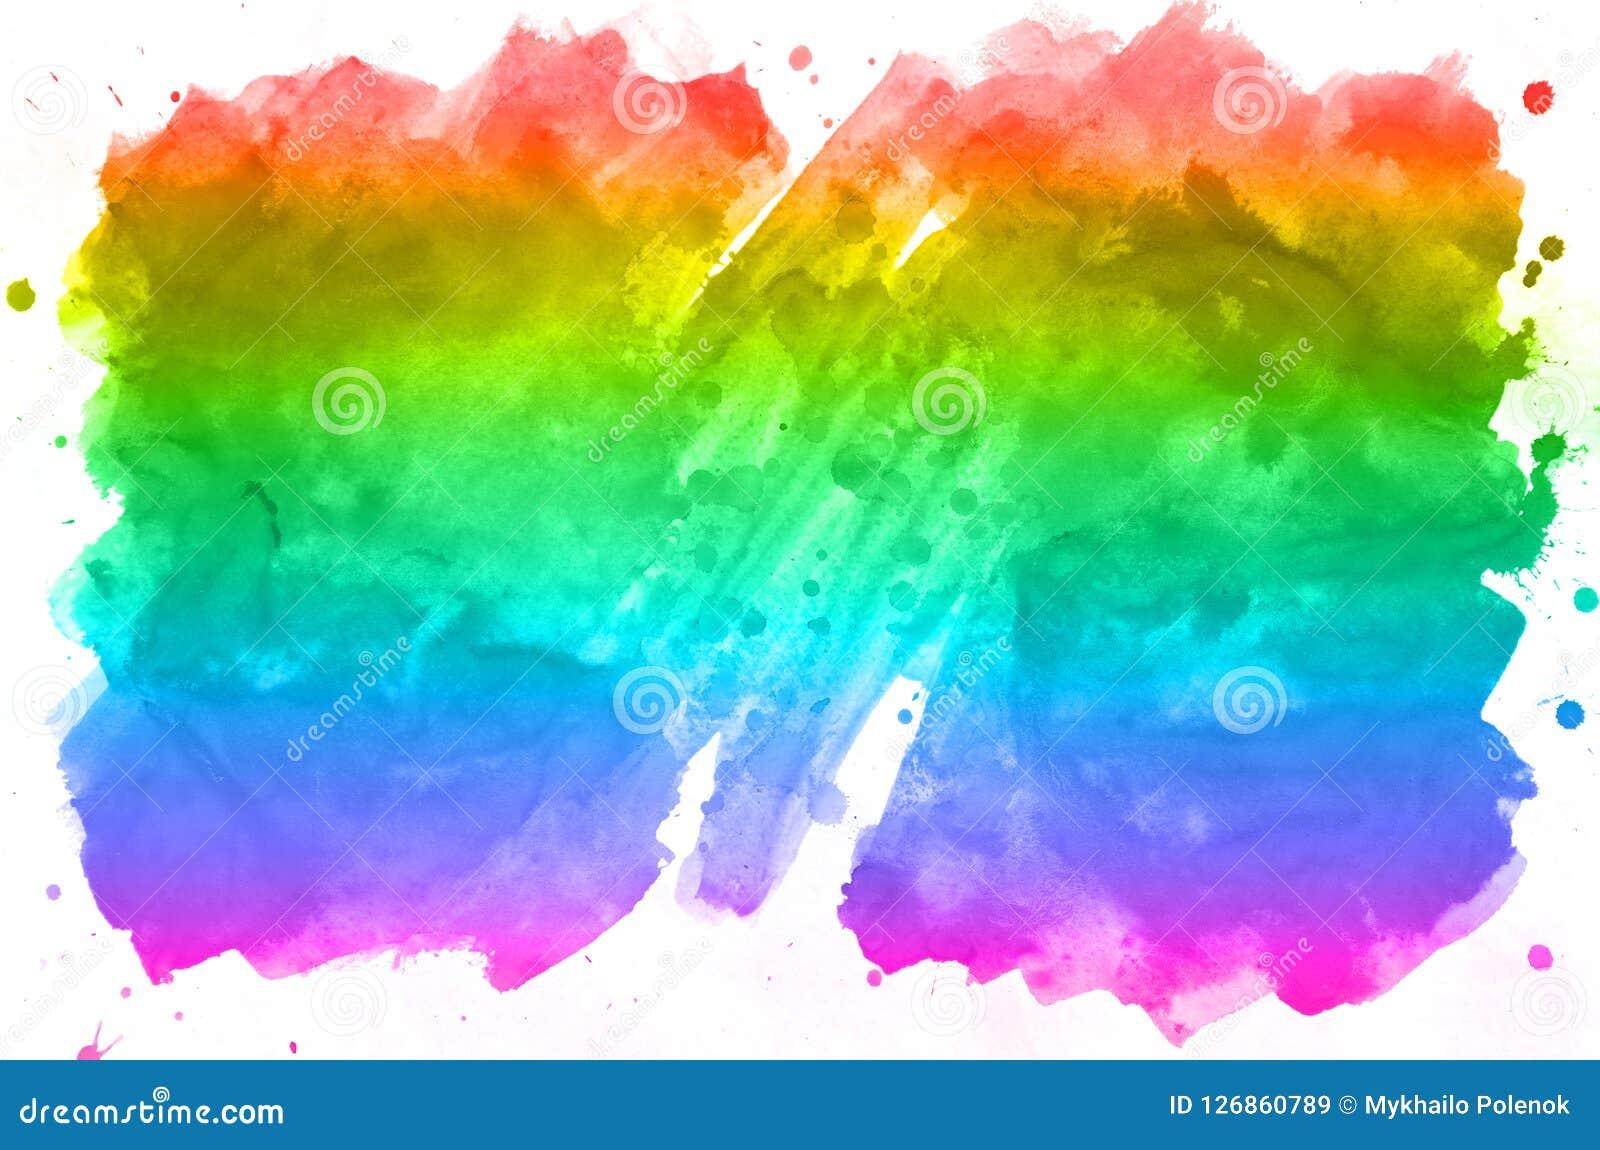 Sfondi colorati acquerello